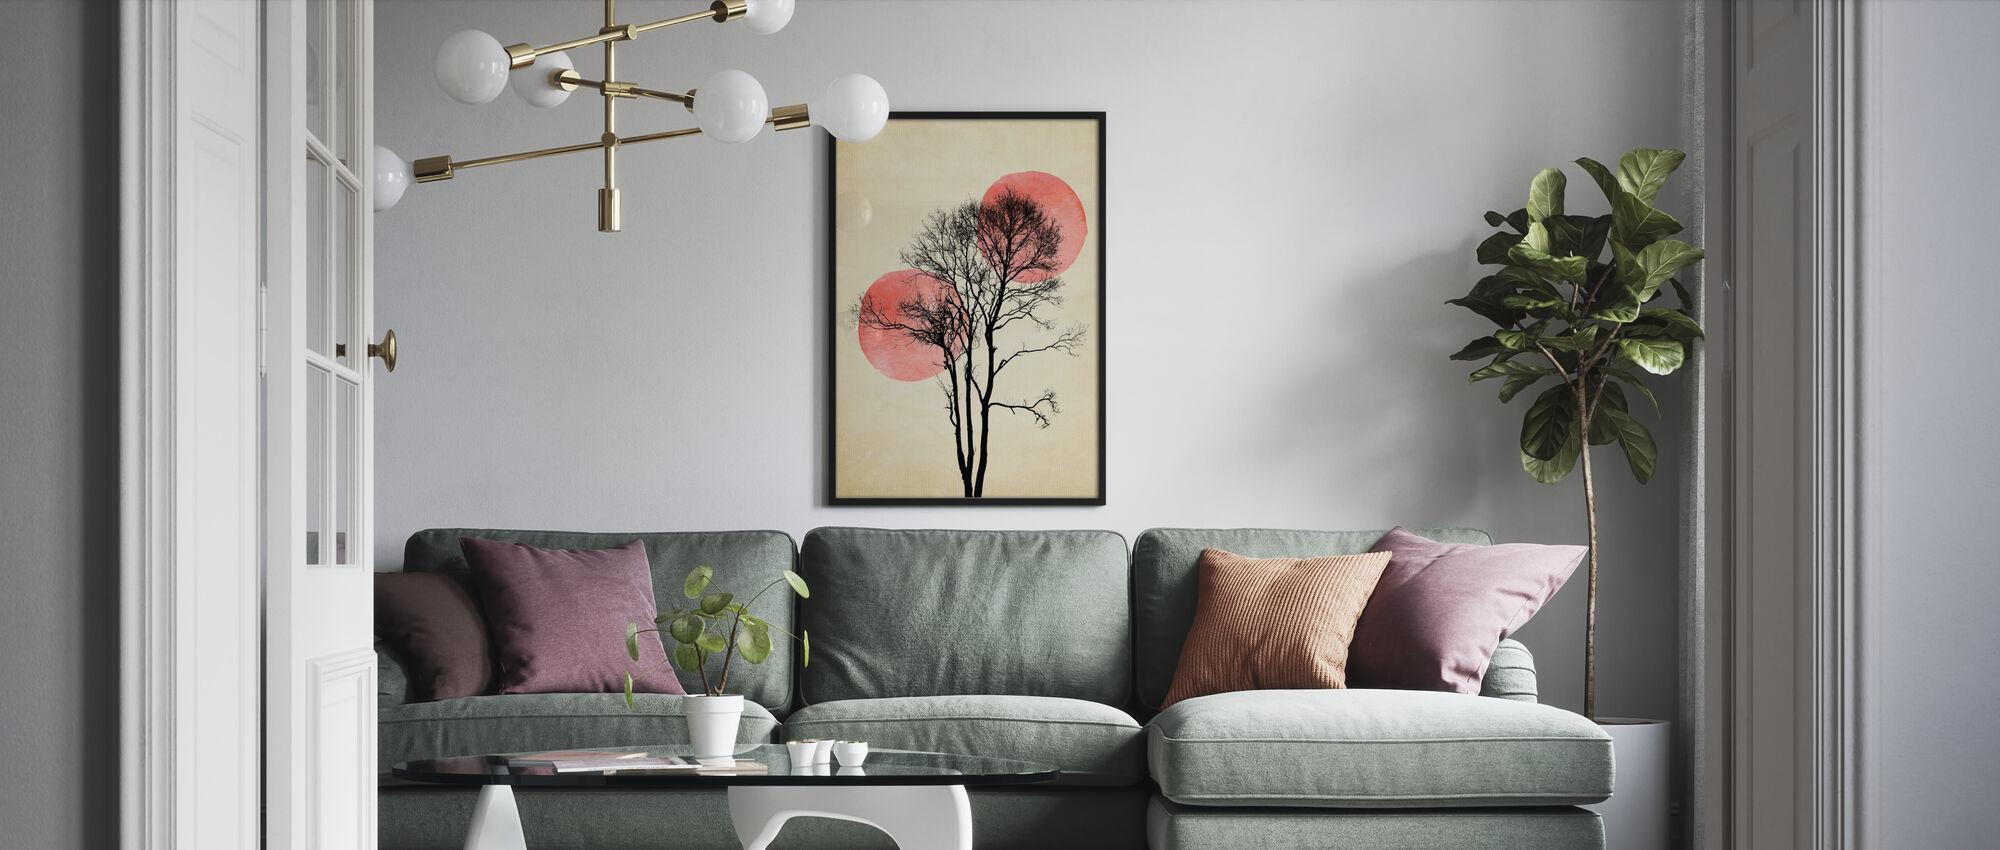 Zon en Maan Verbergen - Poster - Woonkamer